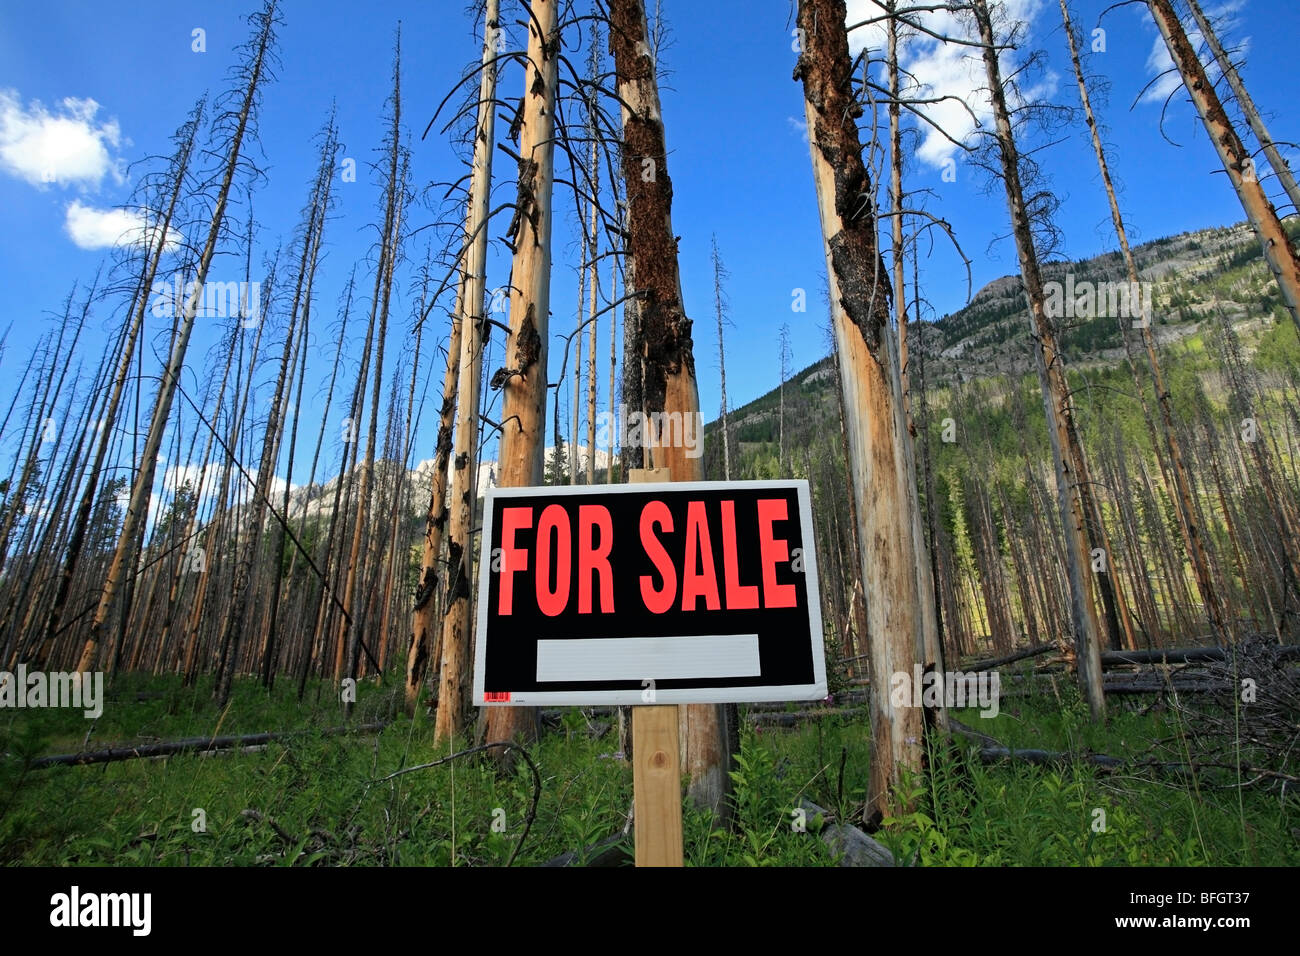 Verbrannte Bäume mit zum Verkauf melden. Banff Nationalpark, Alberta, Kanada Stockbild